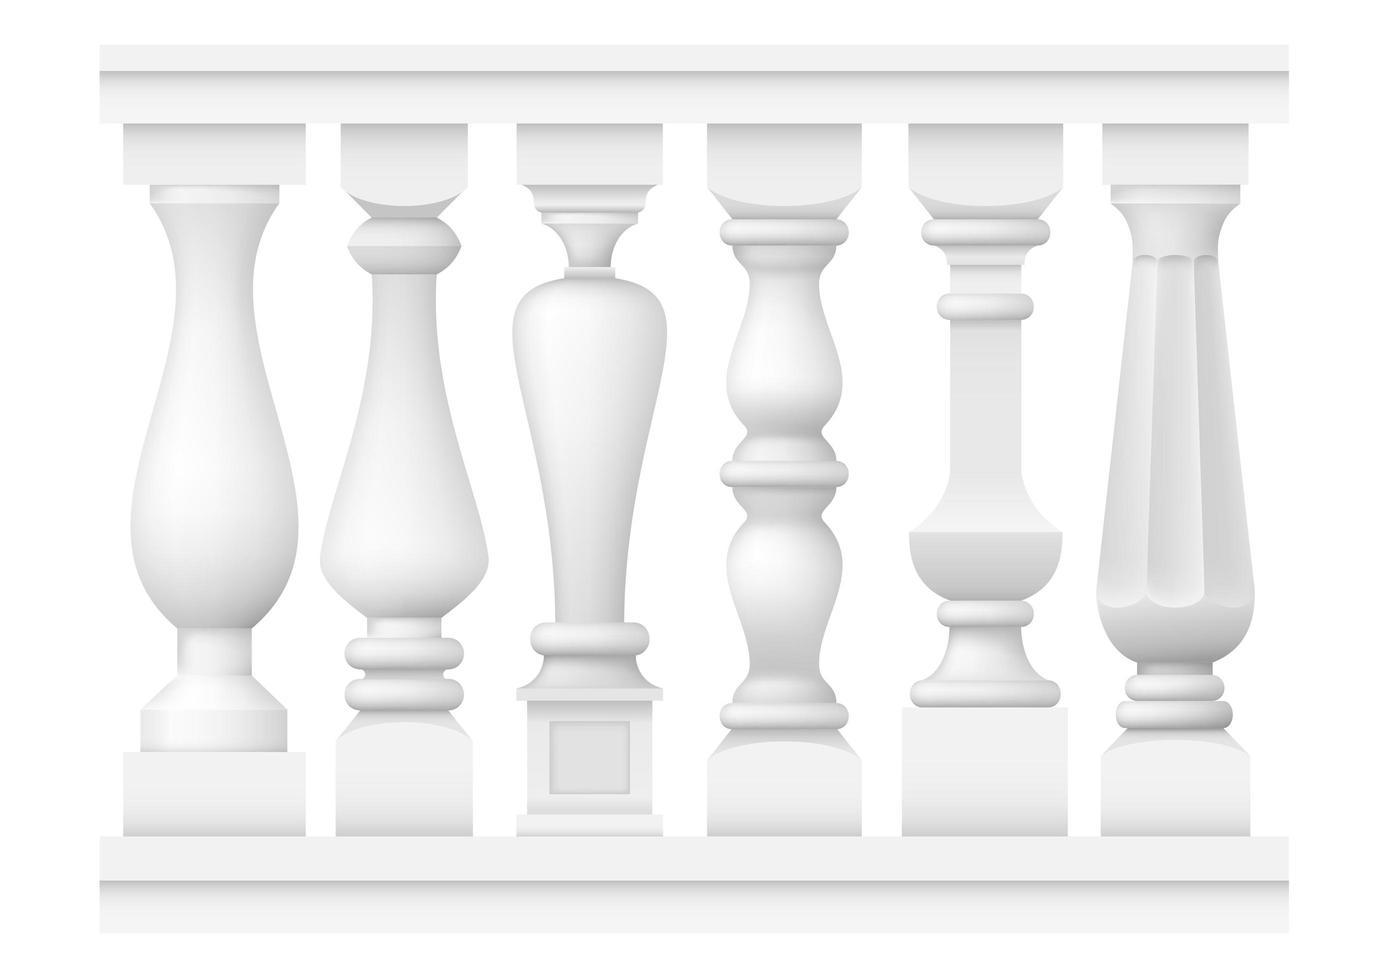 eine Reihe von verschiedenen klassischen Balustern vektor